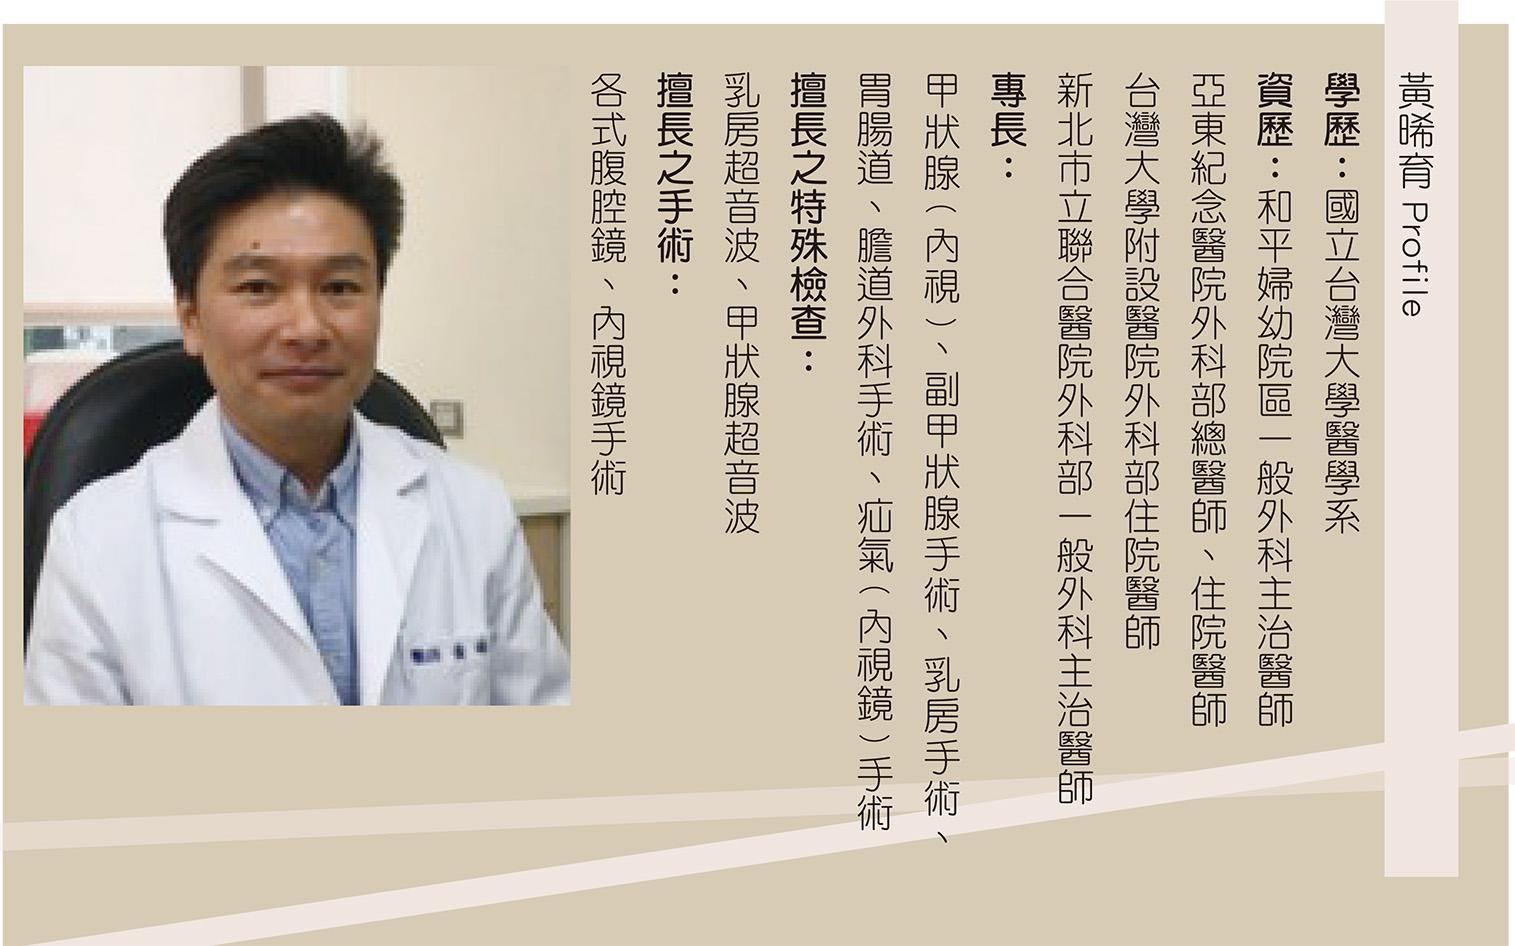 黃晞育醫師小檔案。